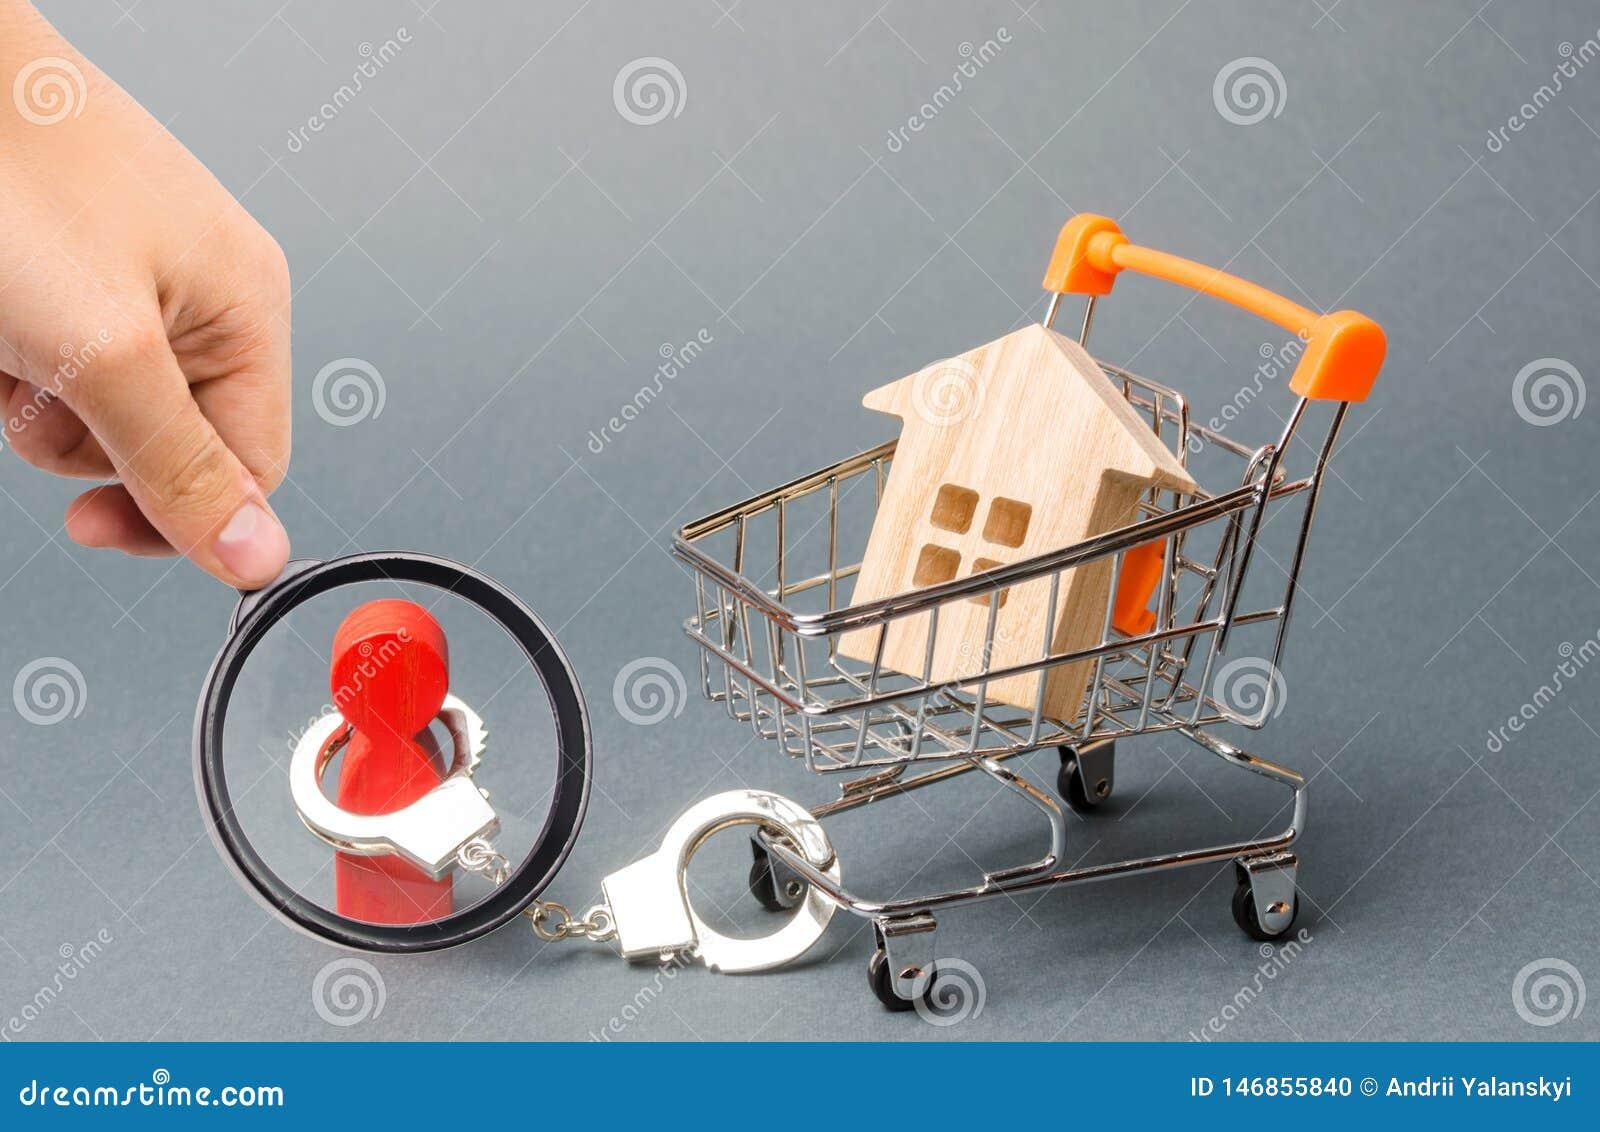 放大镜看一个人扣上手铐到超级市场推车的一个房子 财政依赖性,无法获得的住房